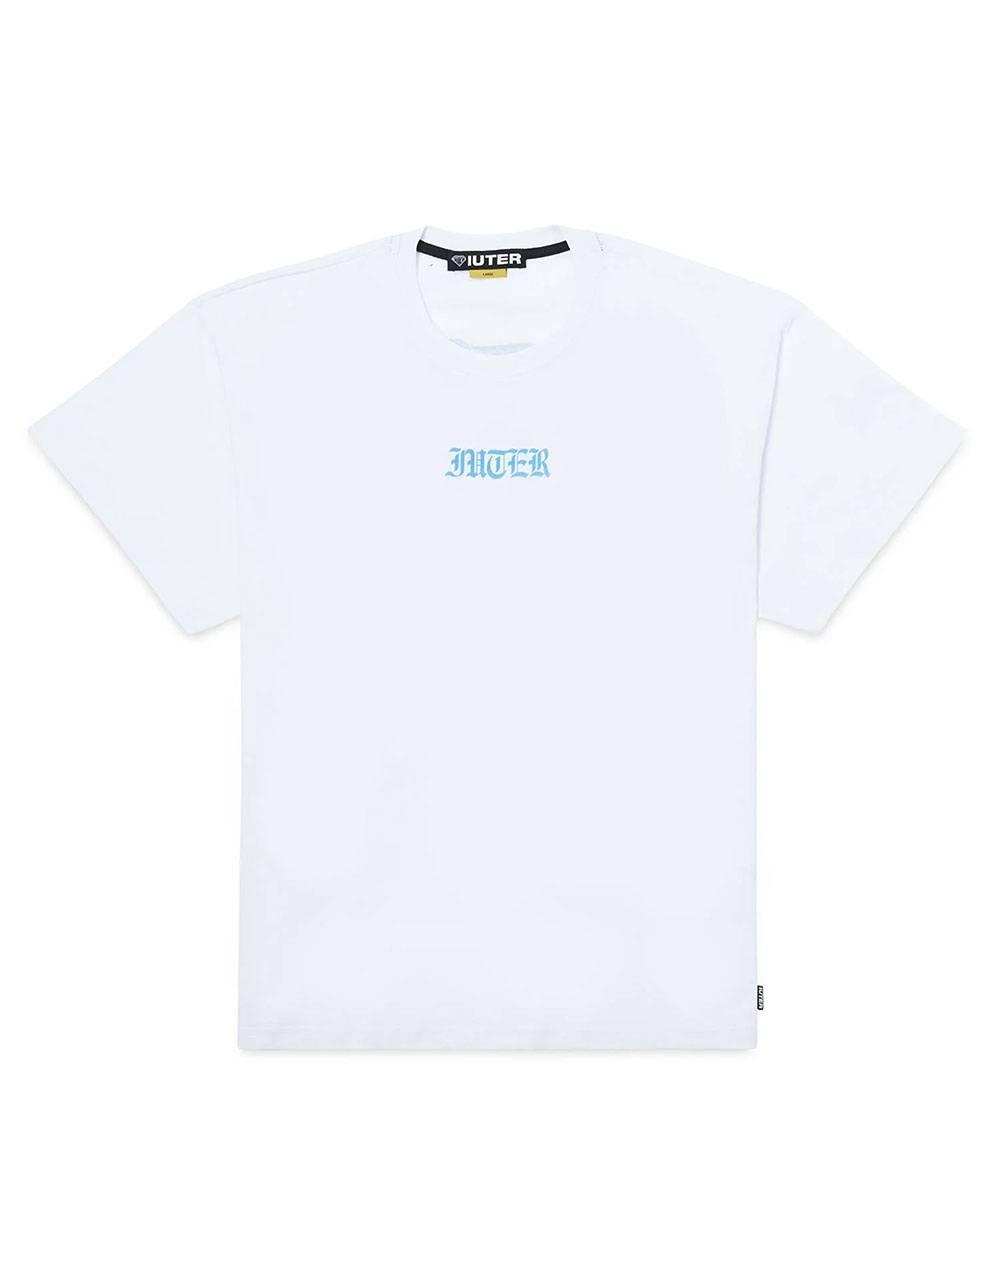 Iuter Noone tee - White IUTER T-shirt 36,89€